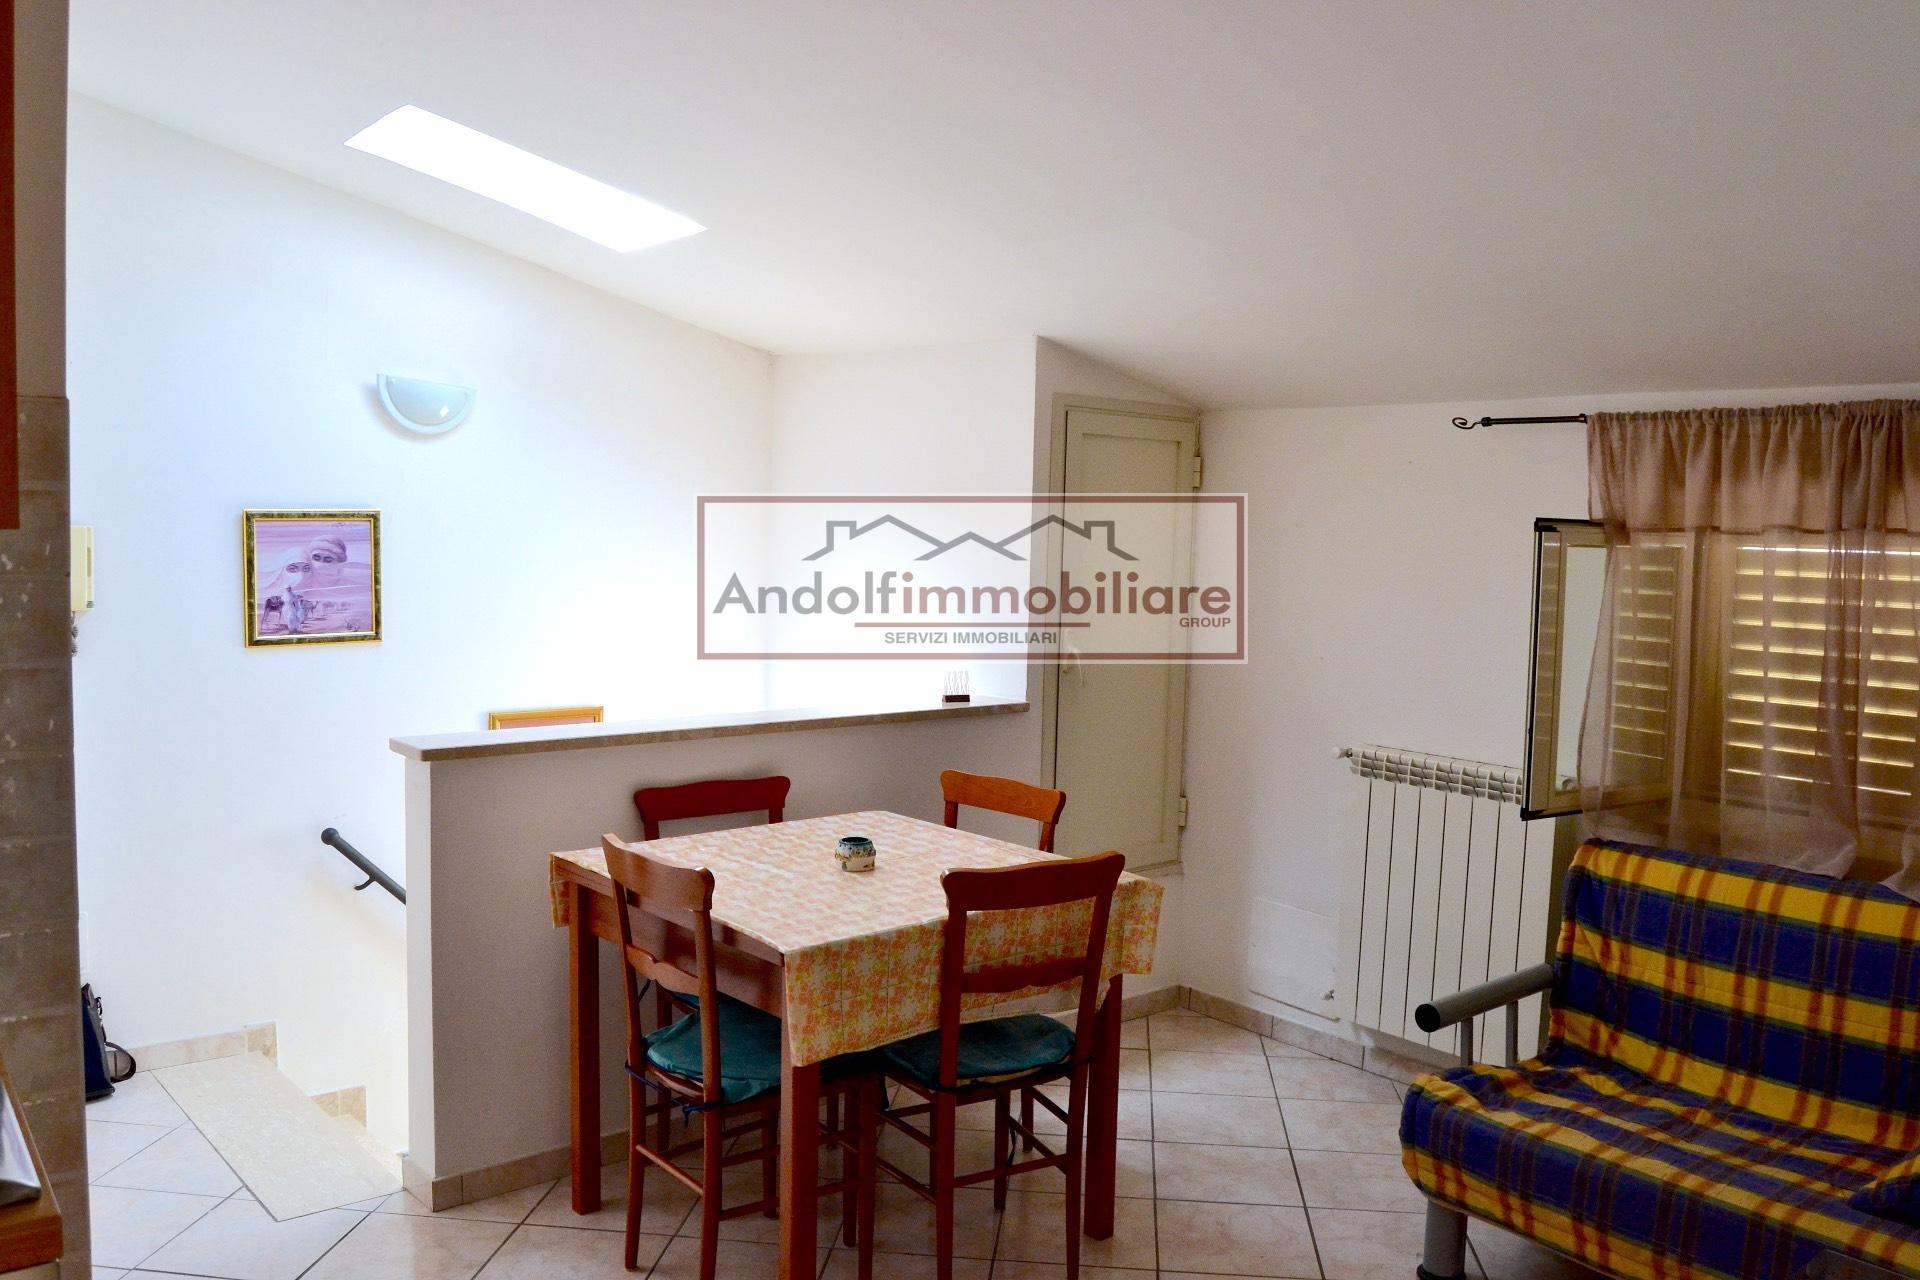 Attico / Mansarda in affitto a Itri, 3 locali, prezzo € 80.000 | CambioCasa.it